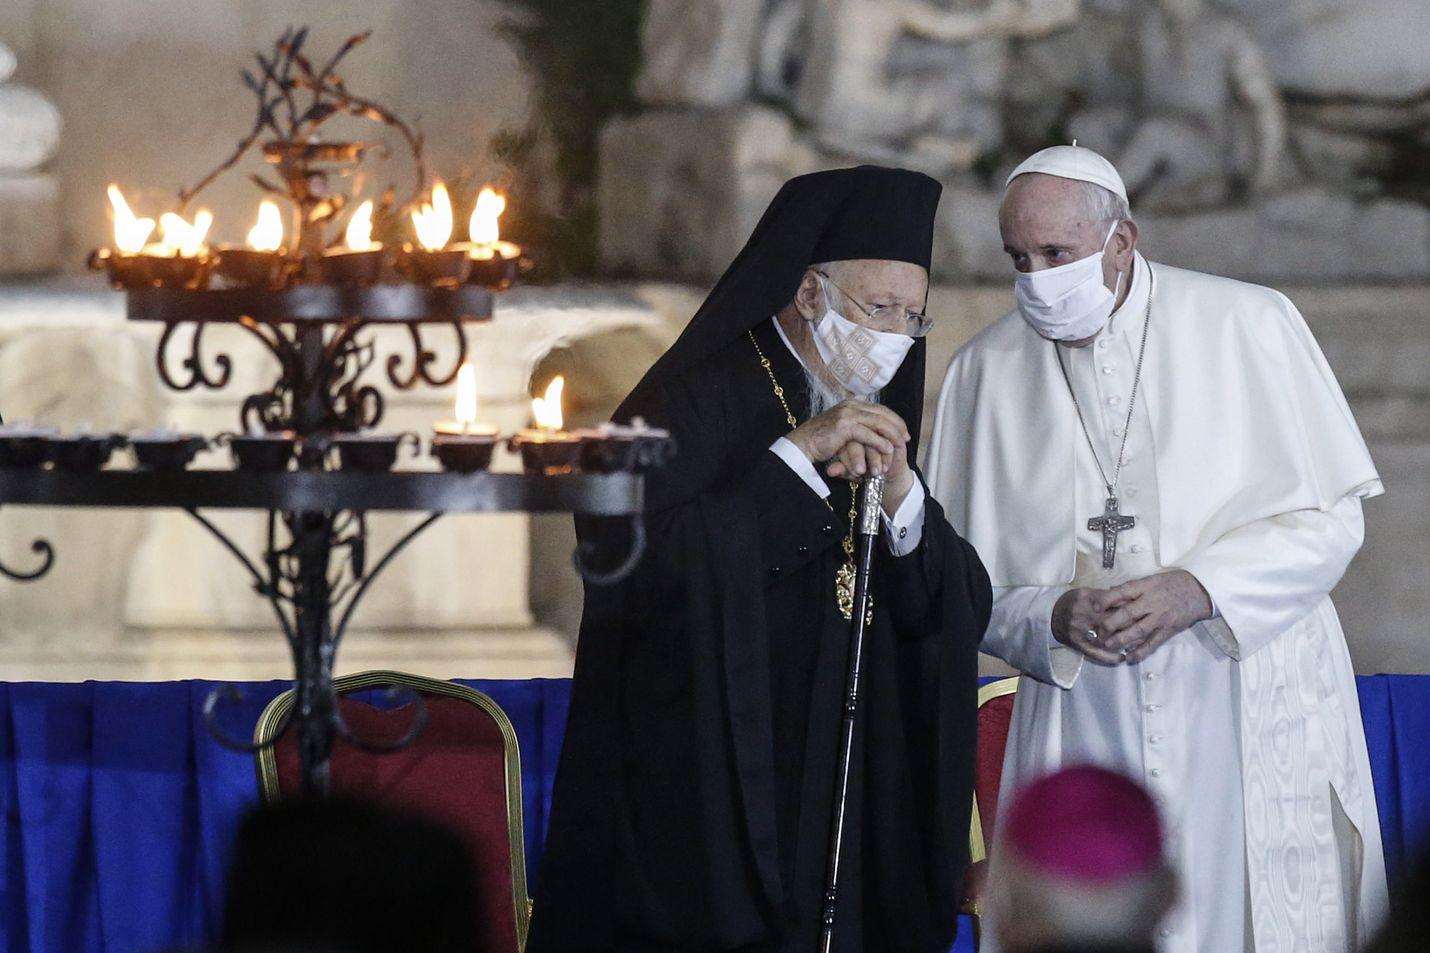 Paavi Franciscus osallistui maanantaina Roomassa järjestettyyn rauhanmessuun, joka järjestettiin yhdessä eri uskontokuntien edustajien kanssa.